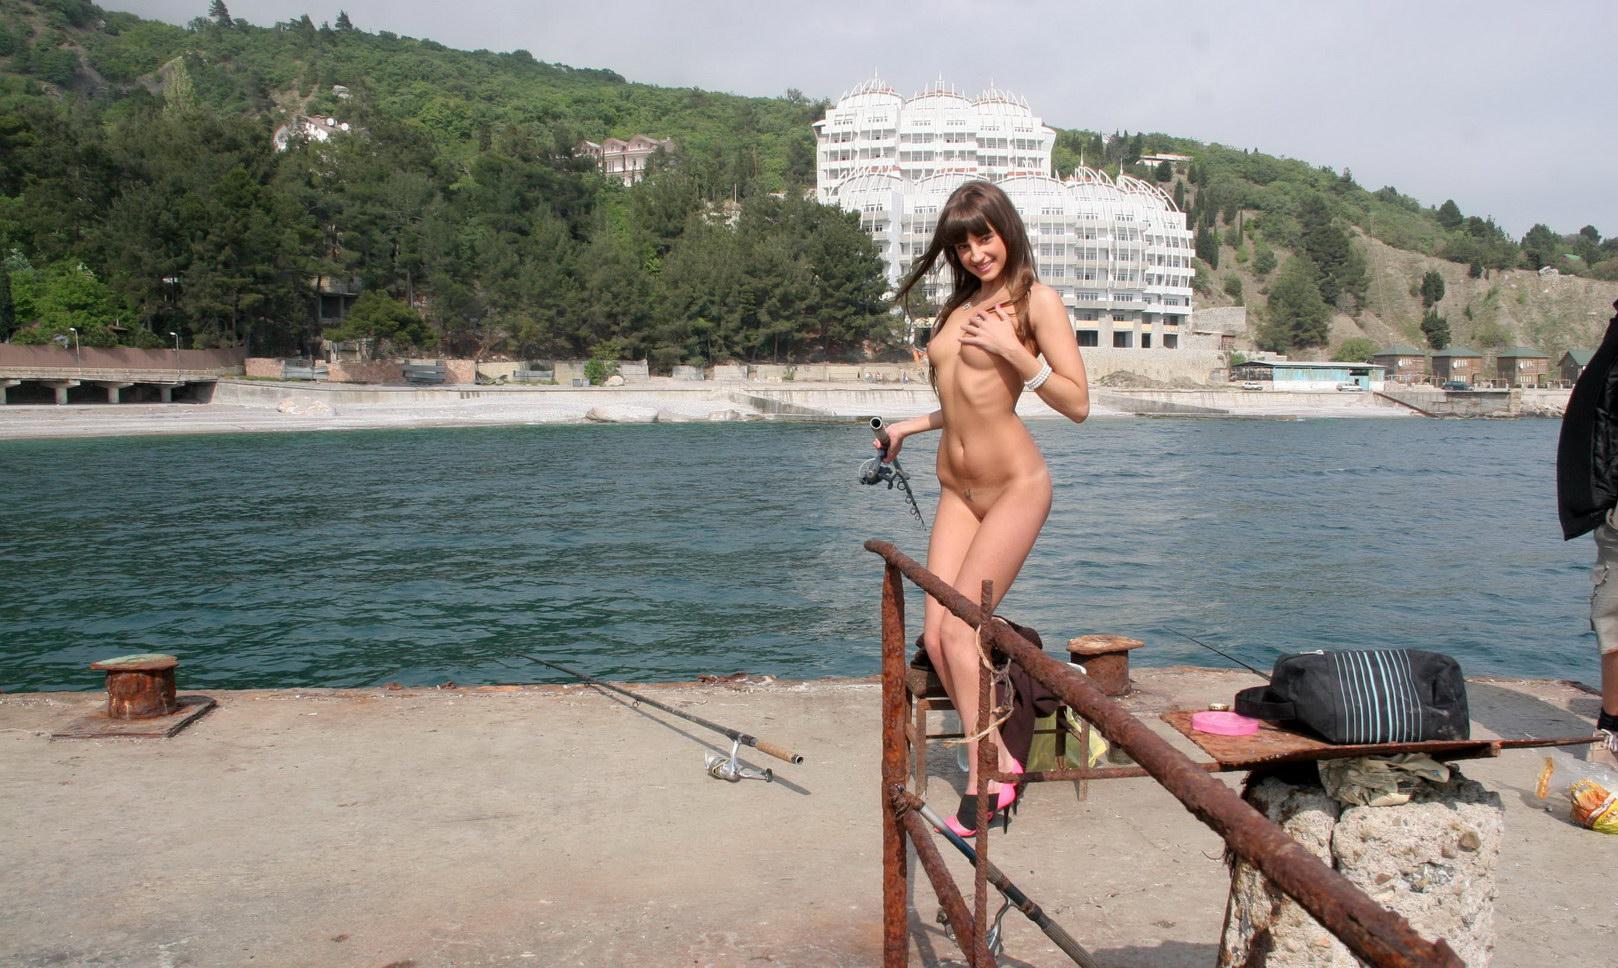 kendra sutherland naked